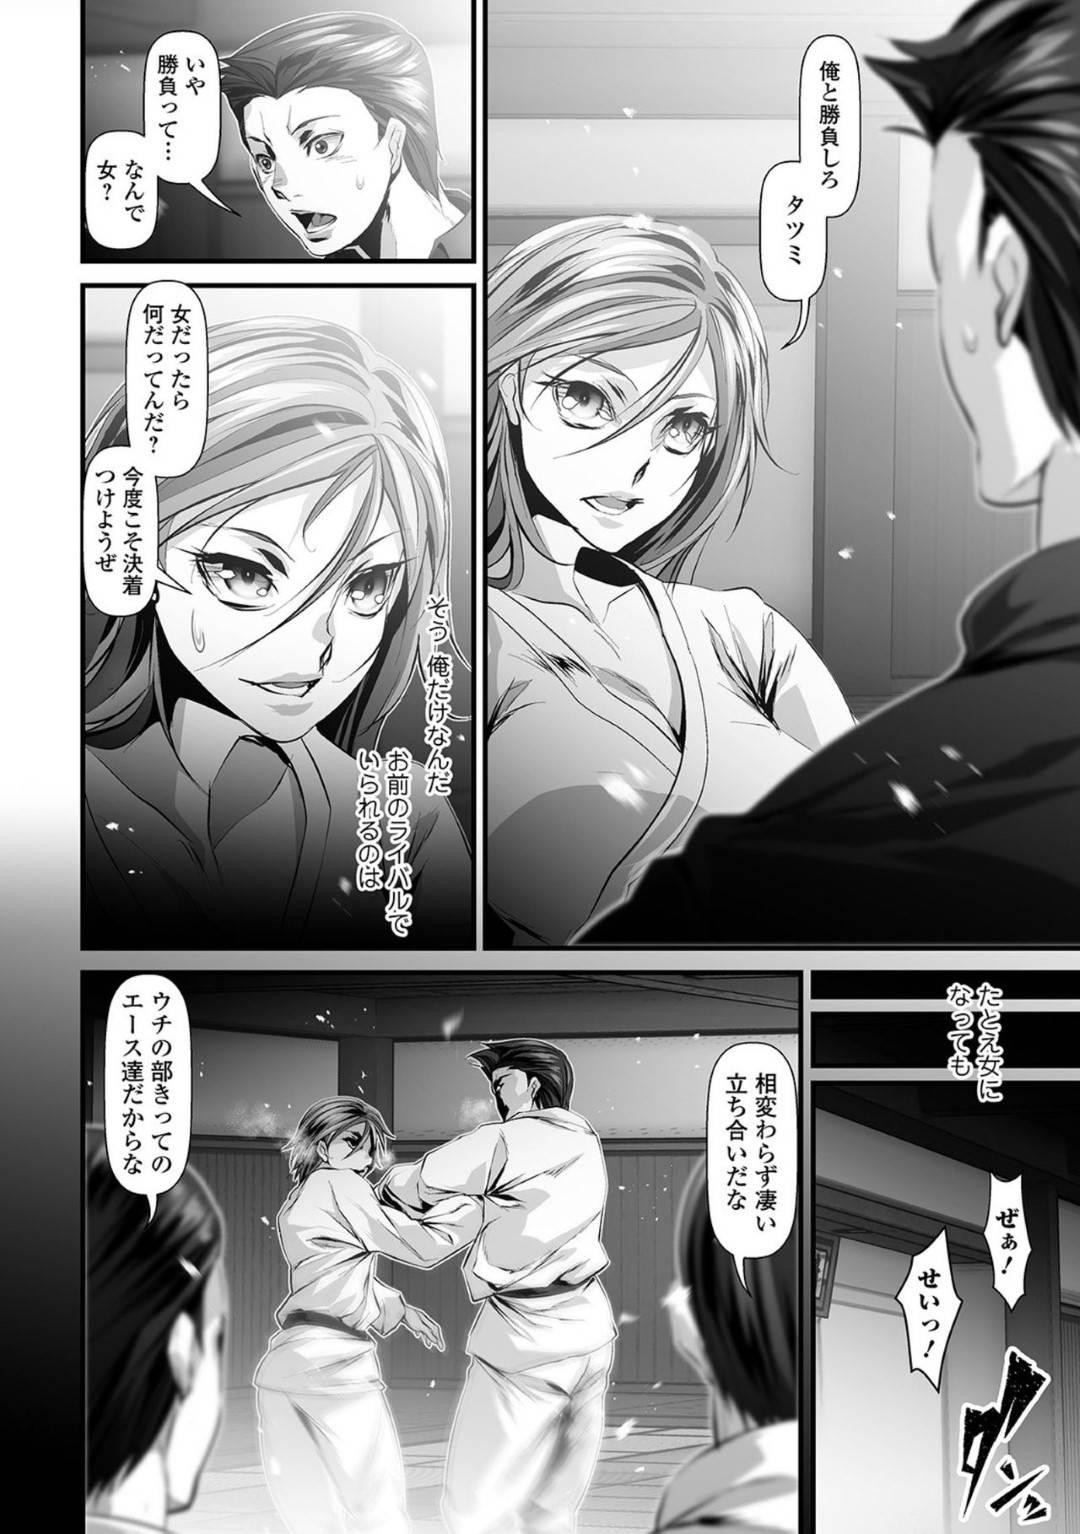 【エロ漫画】突如巨乳スレンダー姿に女体化してしまった主人公。そんな姿を親友に欲情されてしまった彼女はそのまま押し倒されてしまい、手マンされたりディープキスされたりし、中出しセックスする!